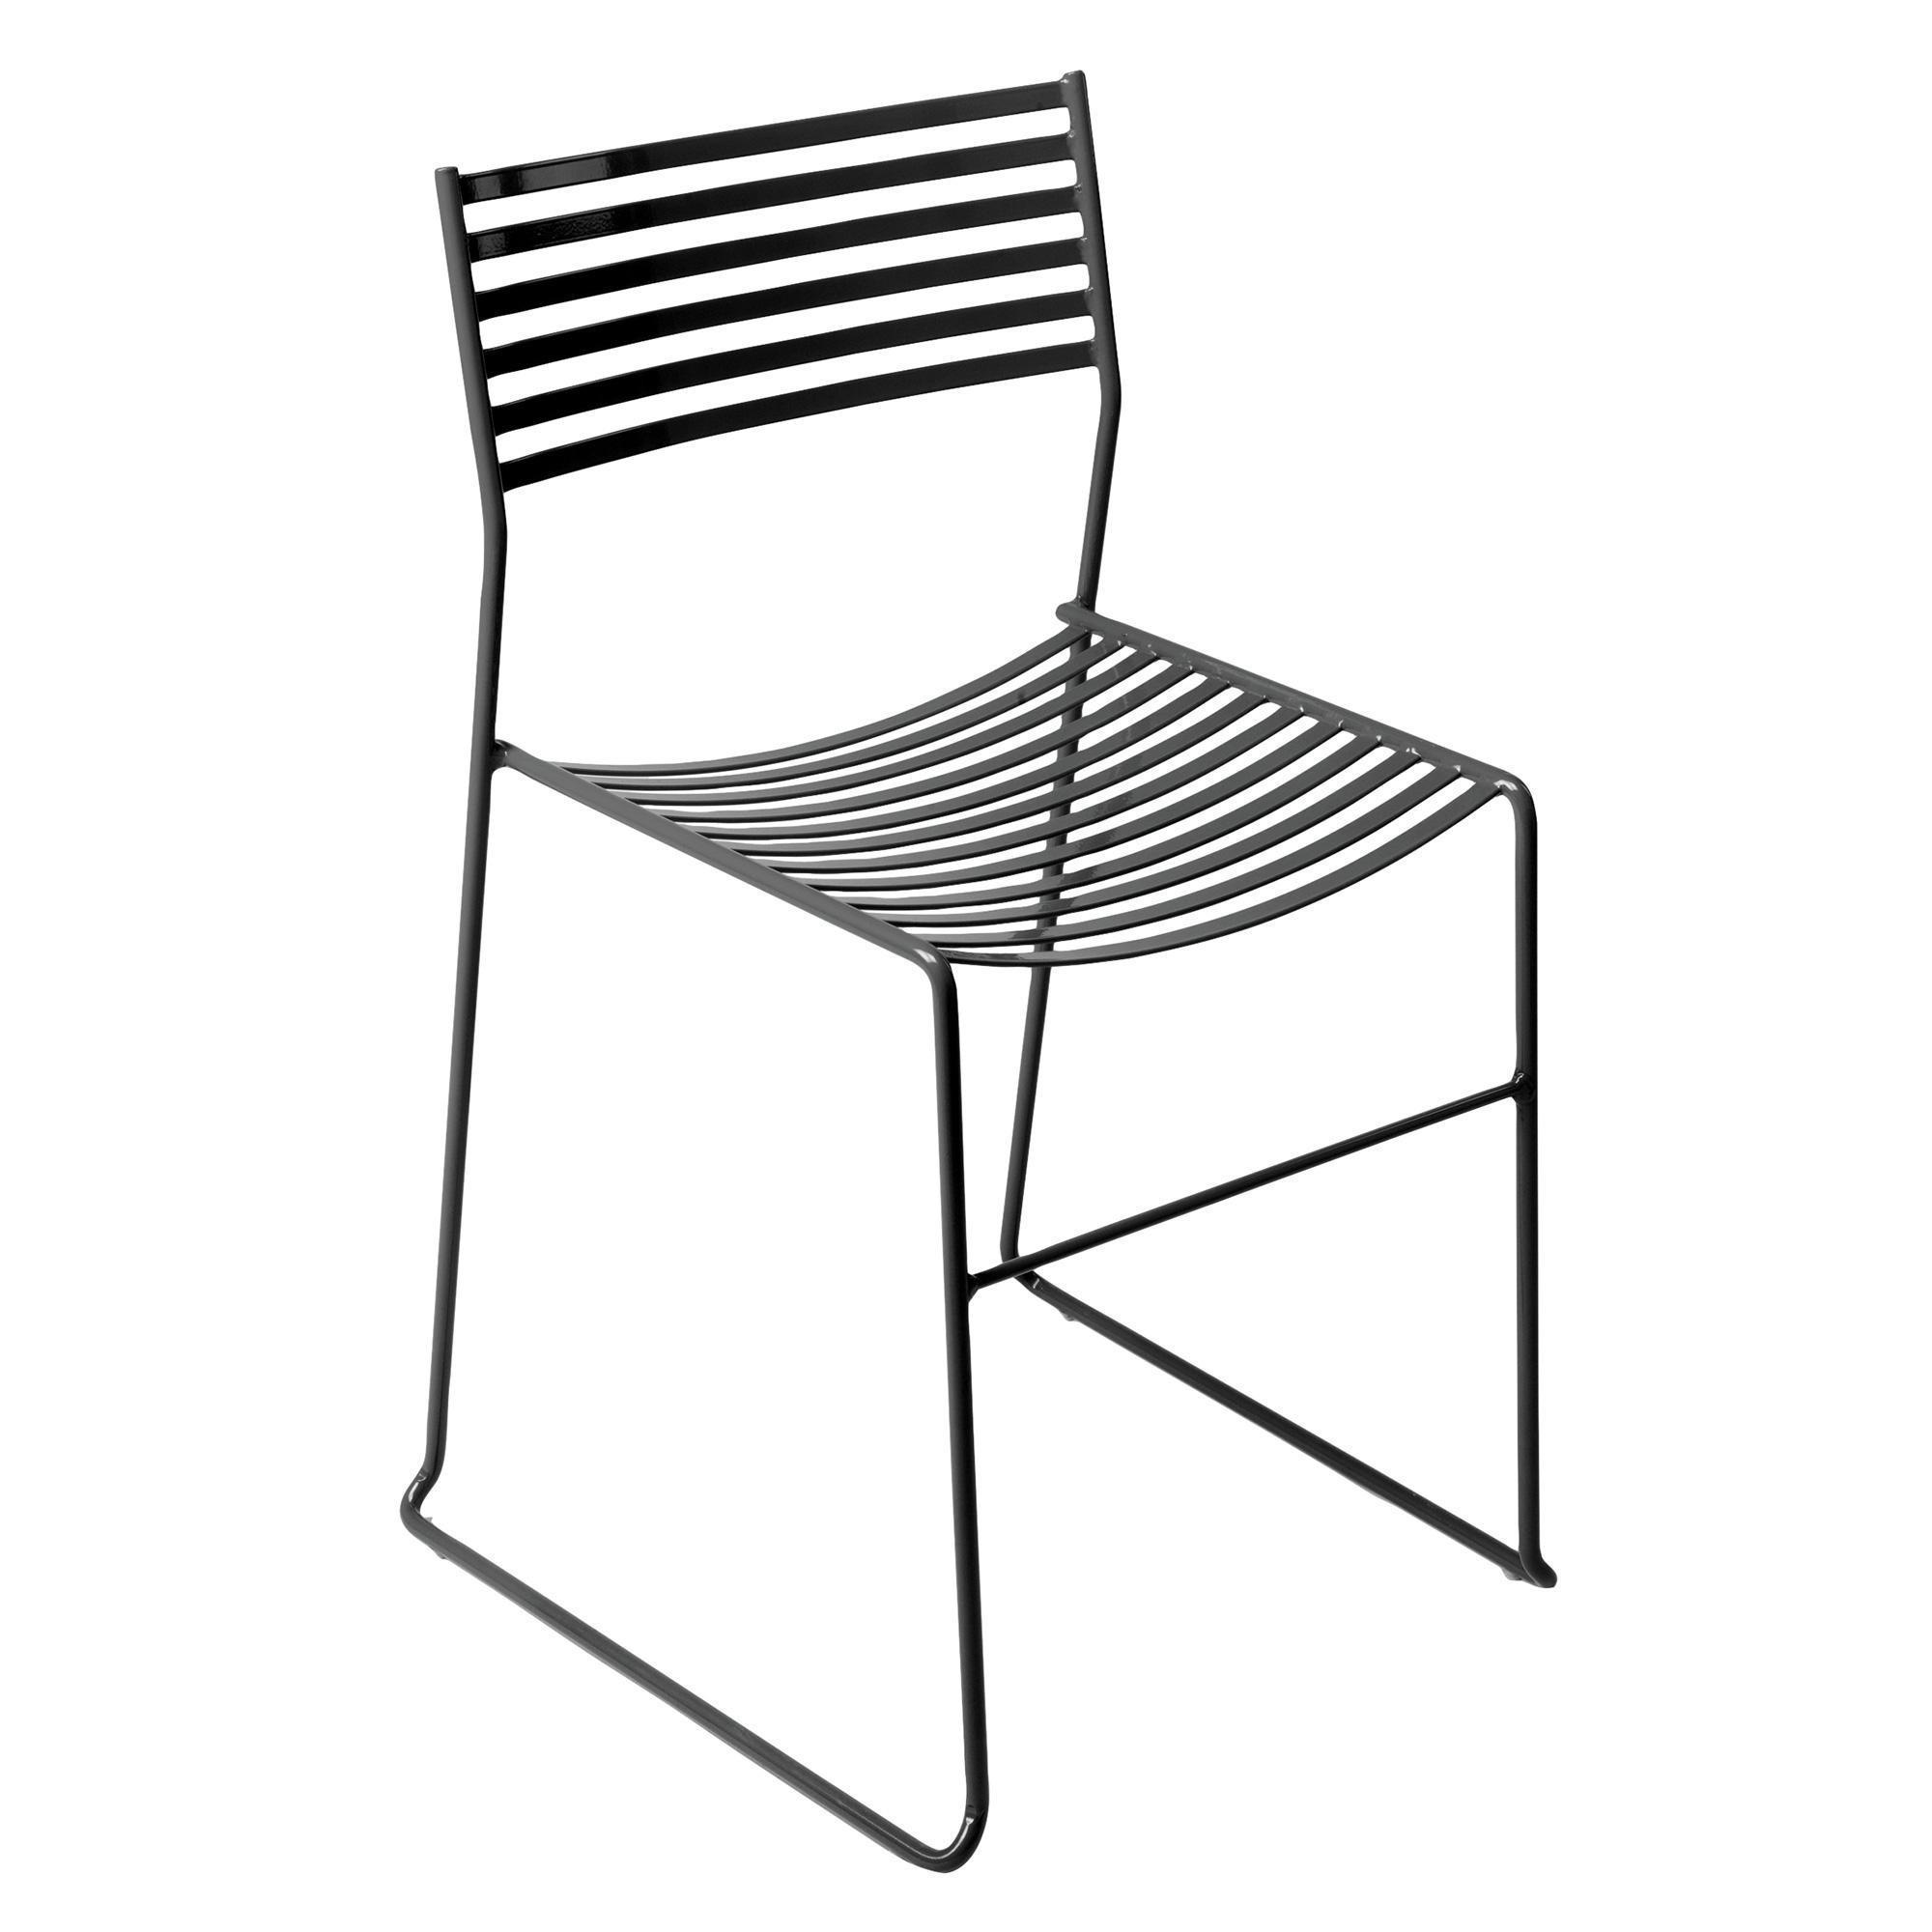 Top Guidelines For 2013 On Effortless Restaurant Furniture Methods